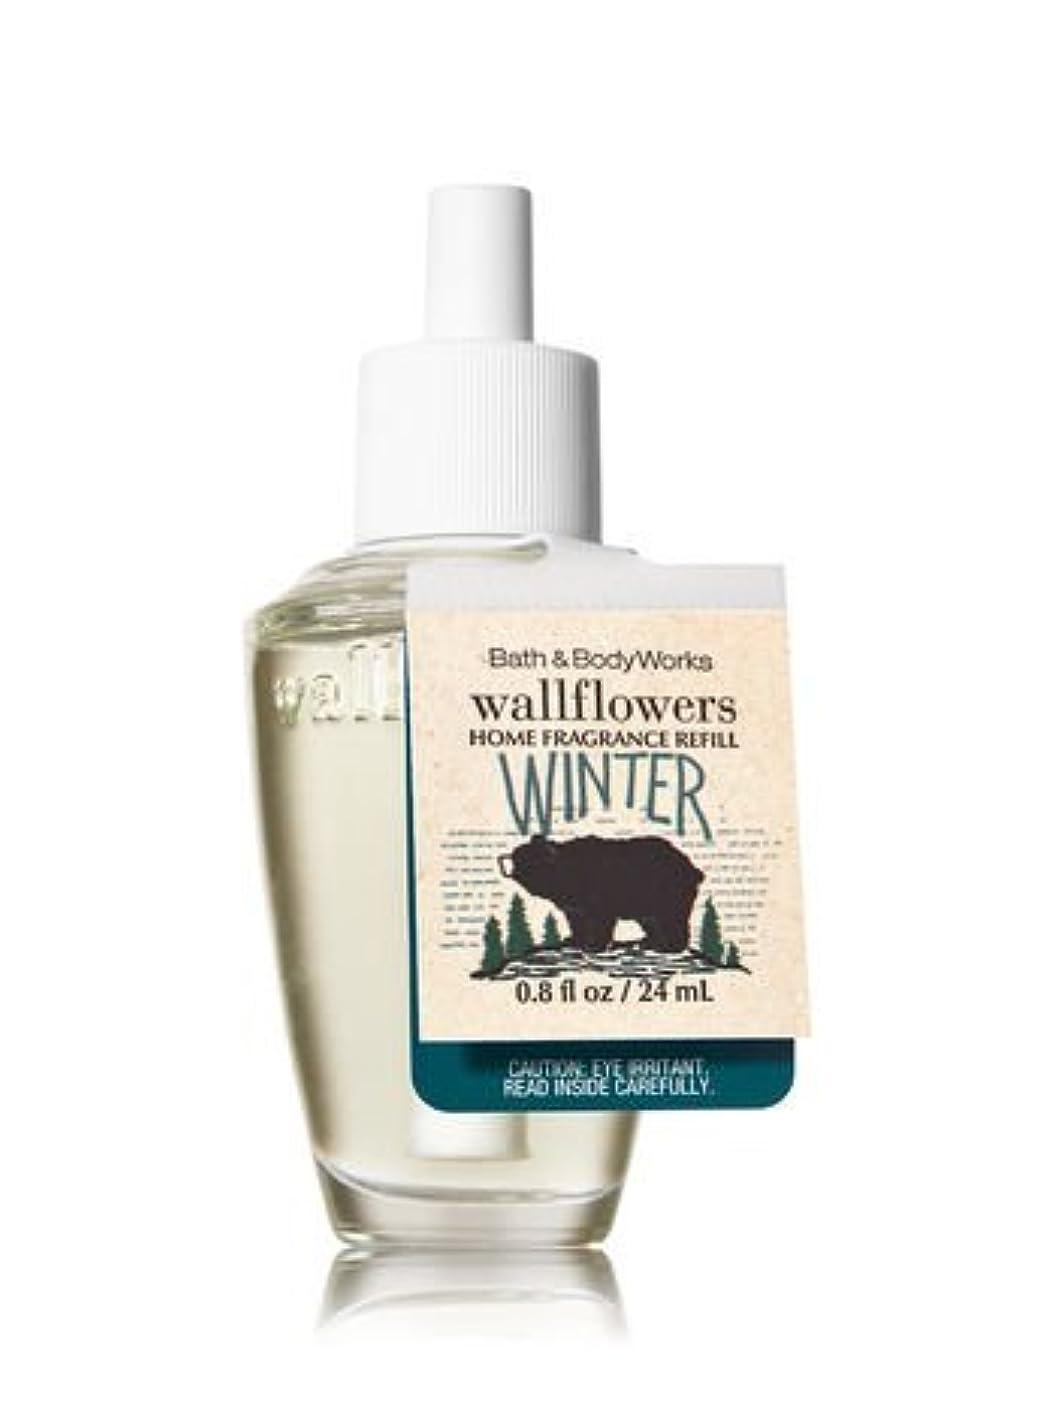 コア外交問題アンタゴニスト【Bath&Body Works/バス&ボディワークス】 ルームフレグランス 詰替えリフィル ウィンター Wallflowers Home Fragrance Refill Winter [並行輸入品]